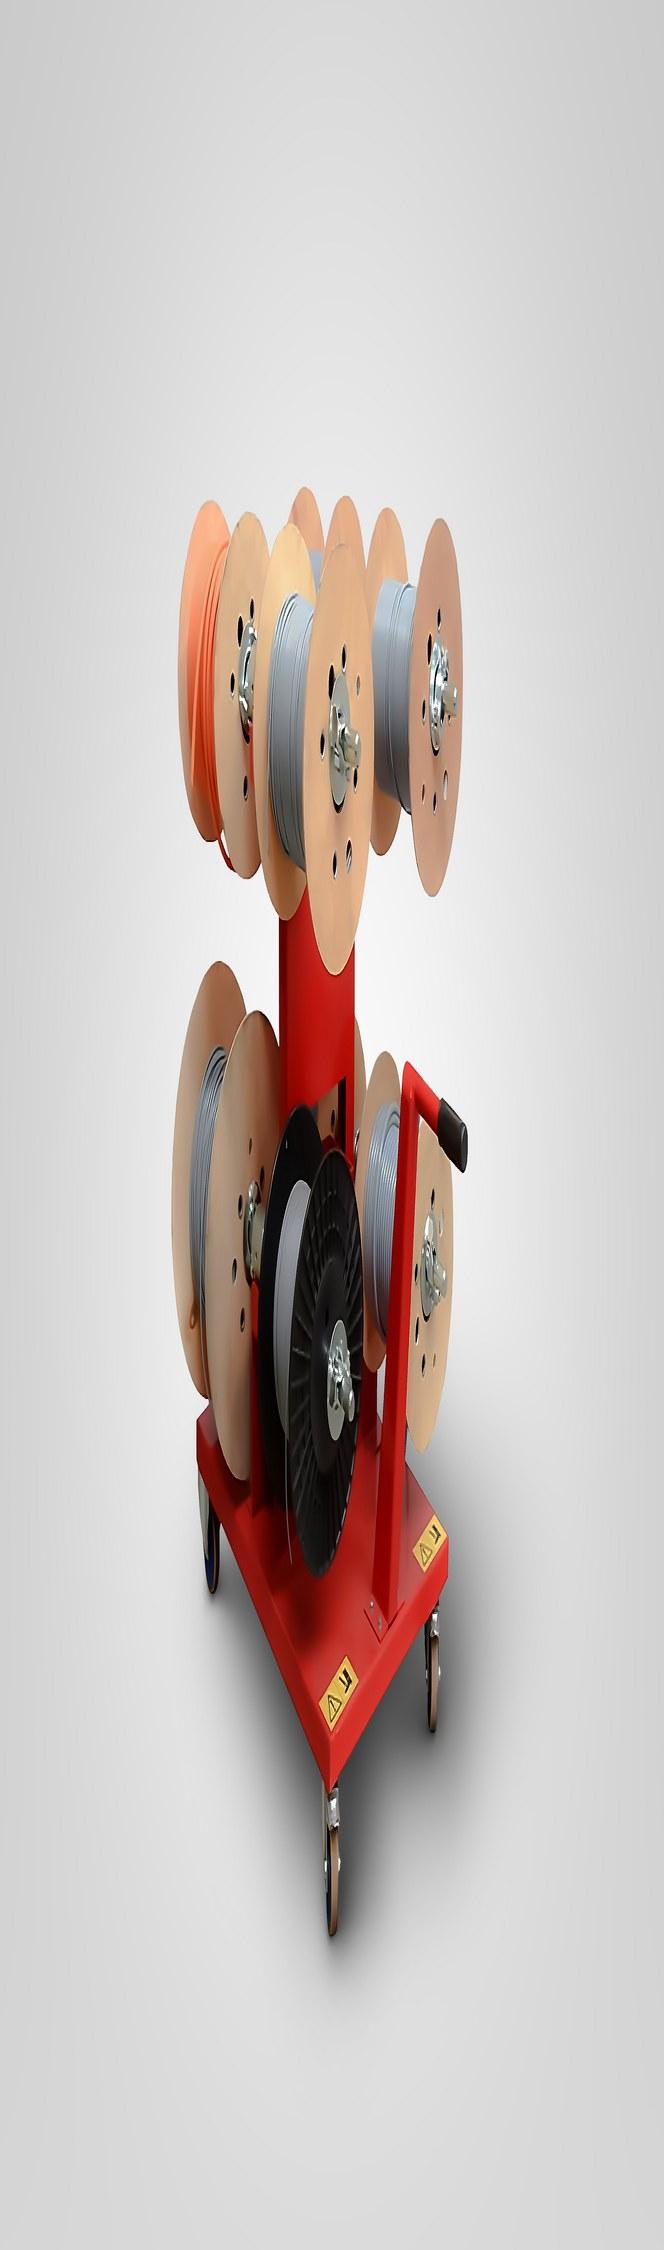 Na nový vozík pro kabelové lze umístit až 8 kabelových bubnů pro přepravu a skladování